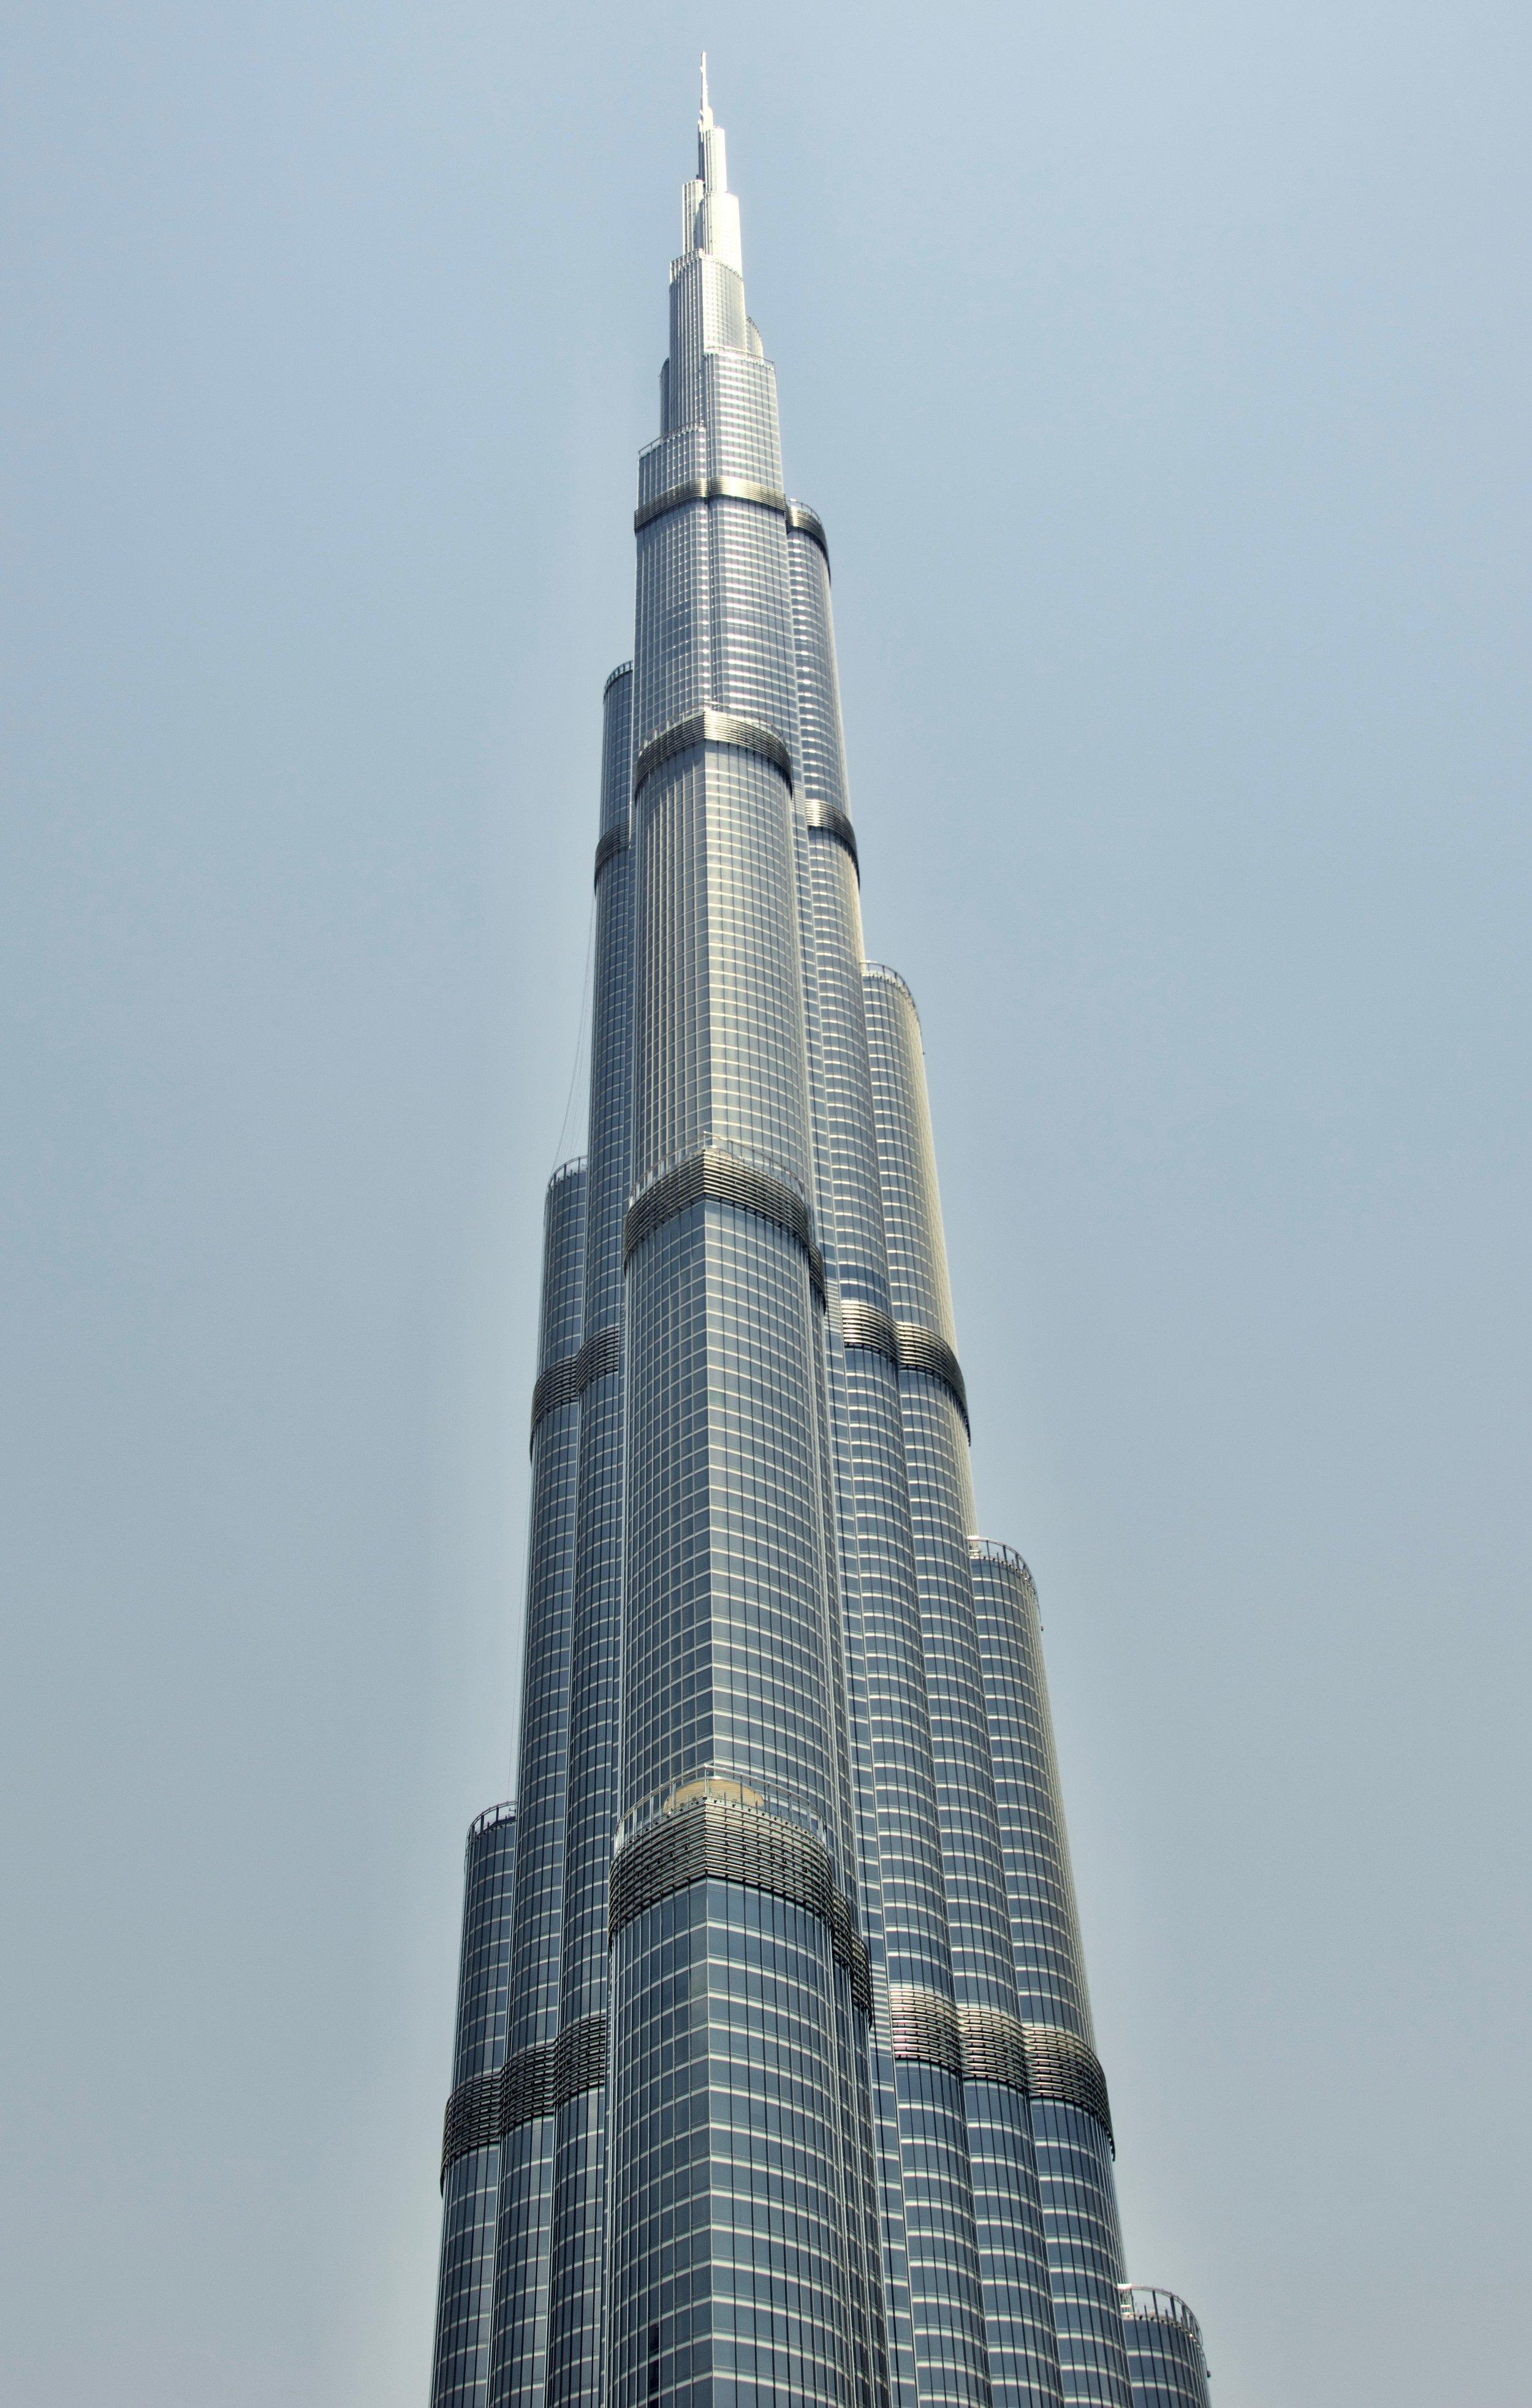 Burj Kalifa at 2,700 feet